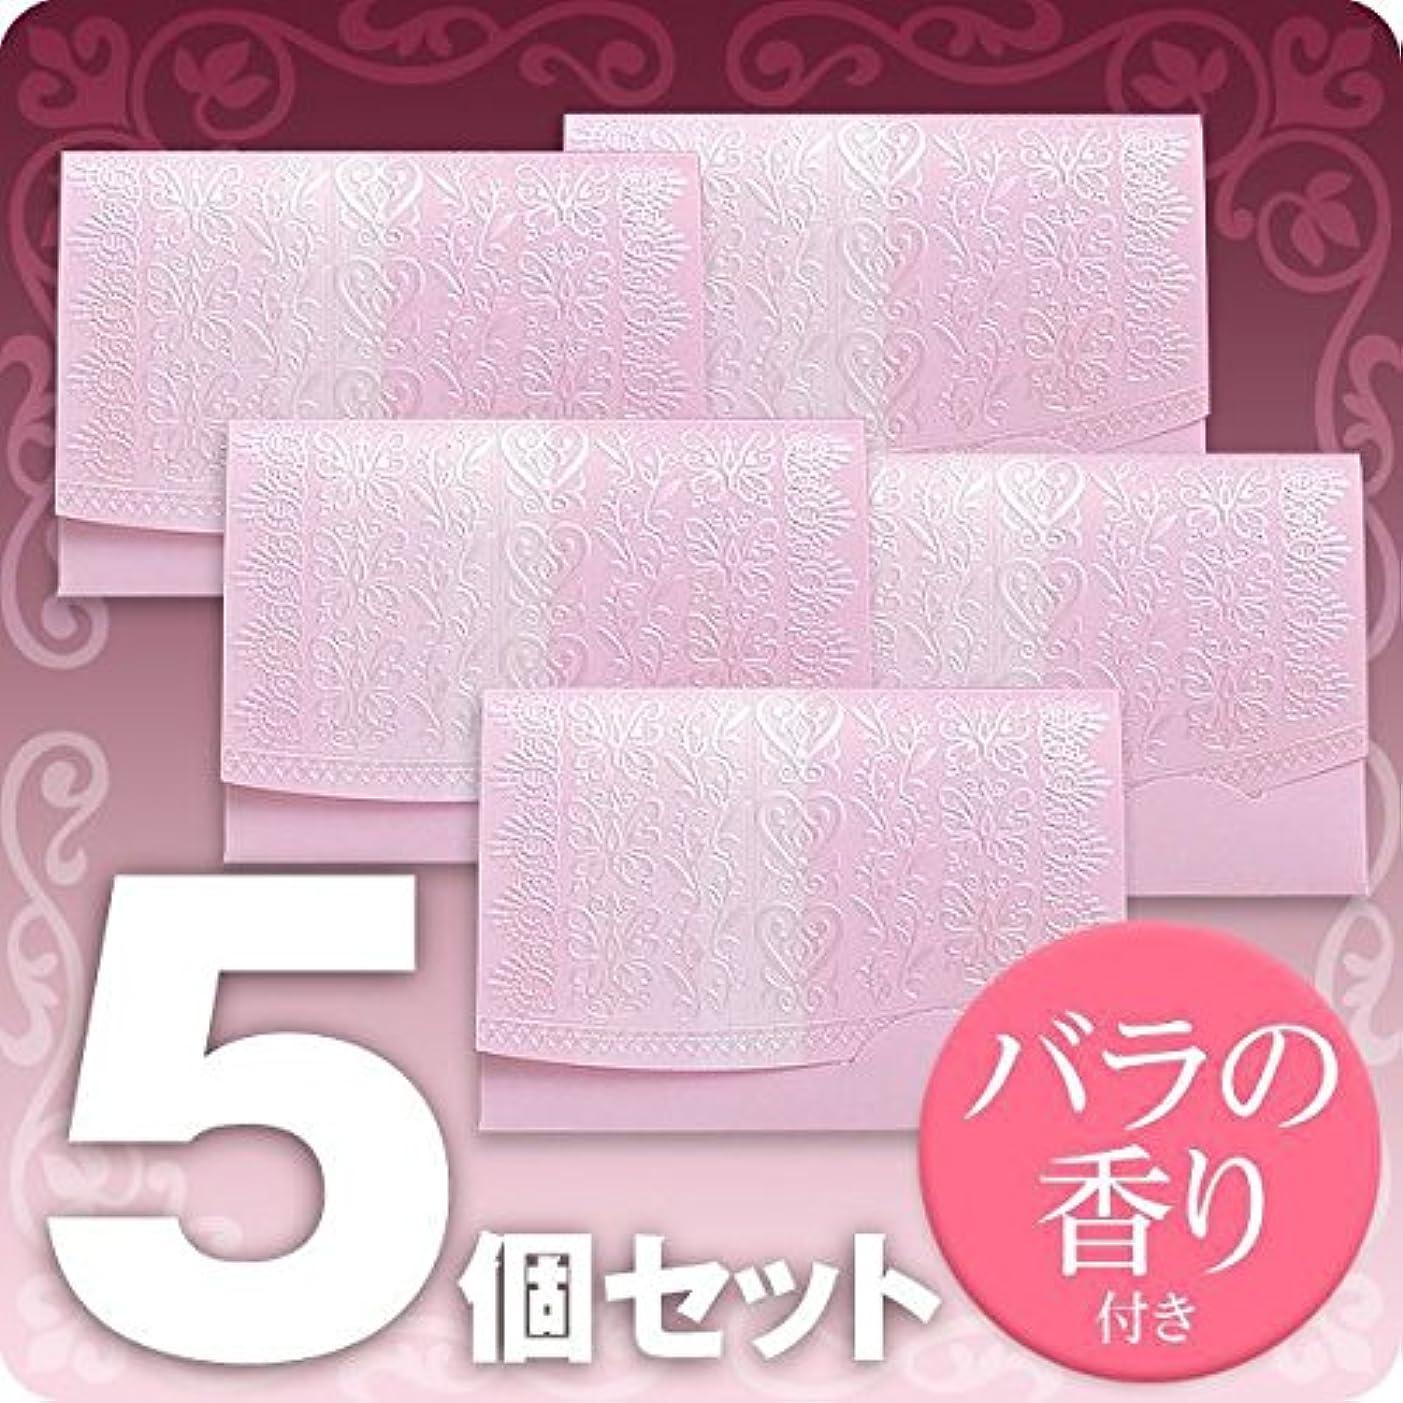 キャンベラエンドテーブル模索鎌倉四葩のあぶらとり紙 ロイヤル香りローズ 短冊サイズ 5冊セット